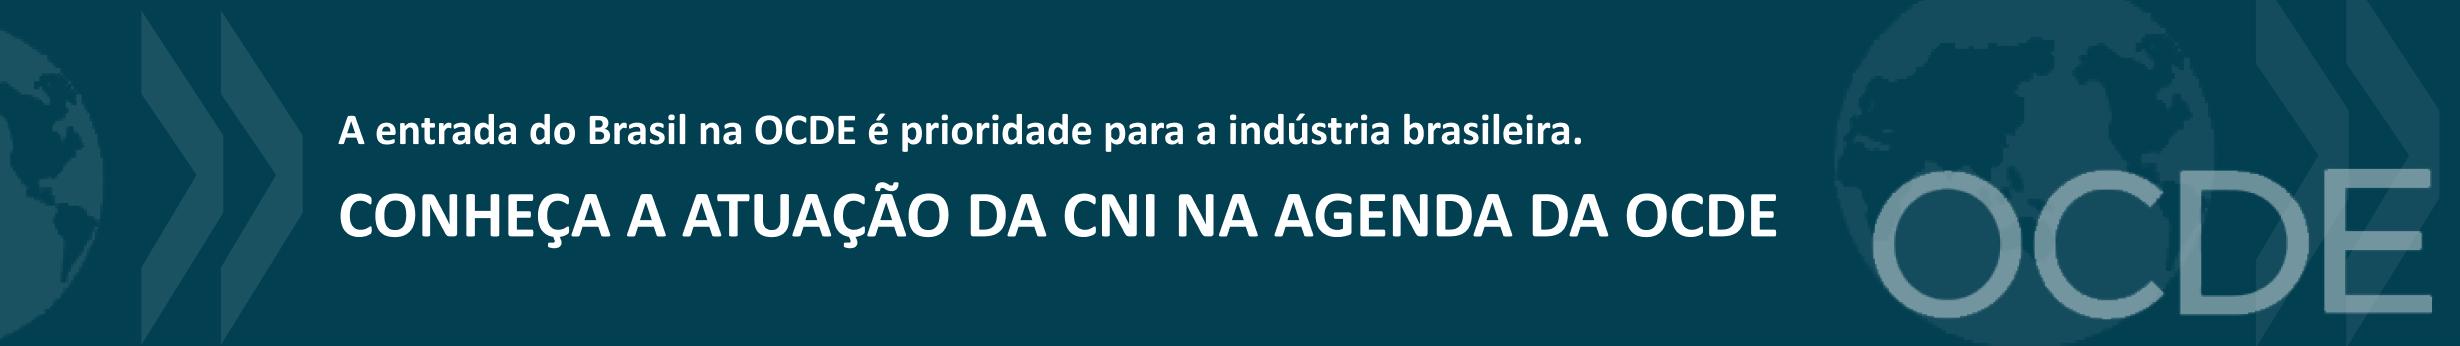 Banner azul com o texto: A entrada do Brasil na OCDE é prioridade para a indústria brasileira. Conheça a atuação da CNI na agenda da OCDE.